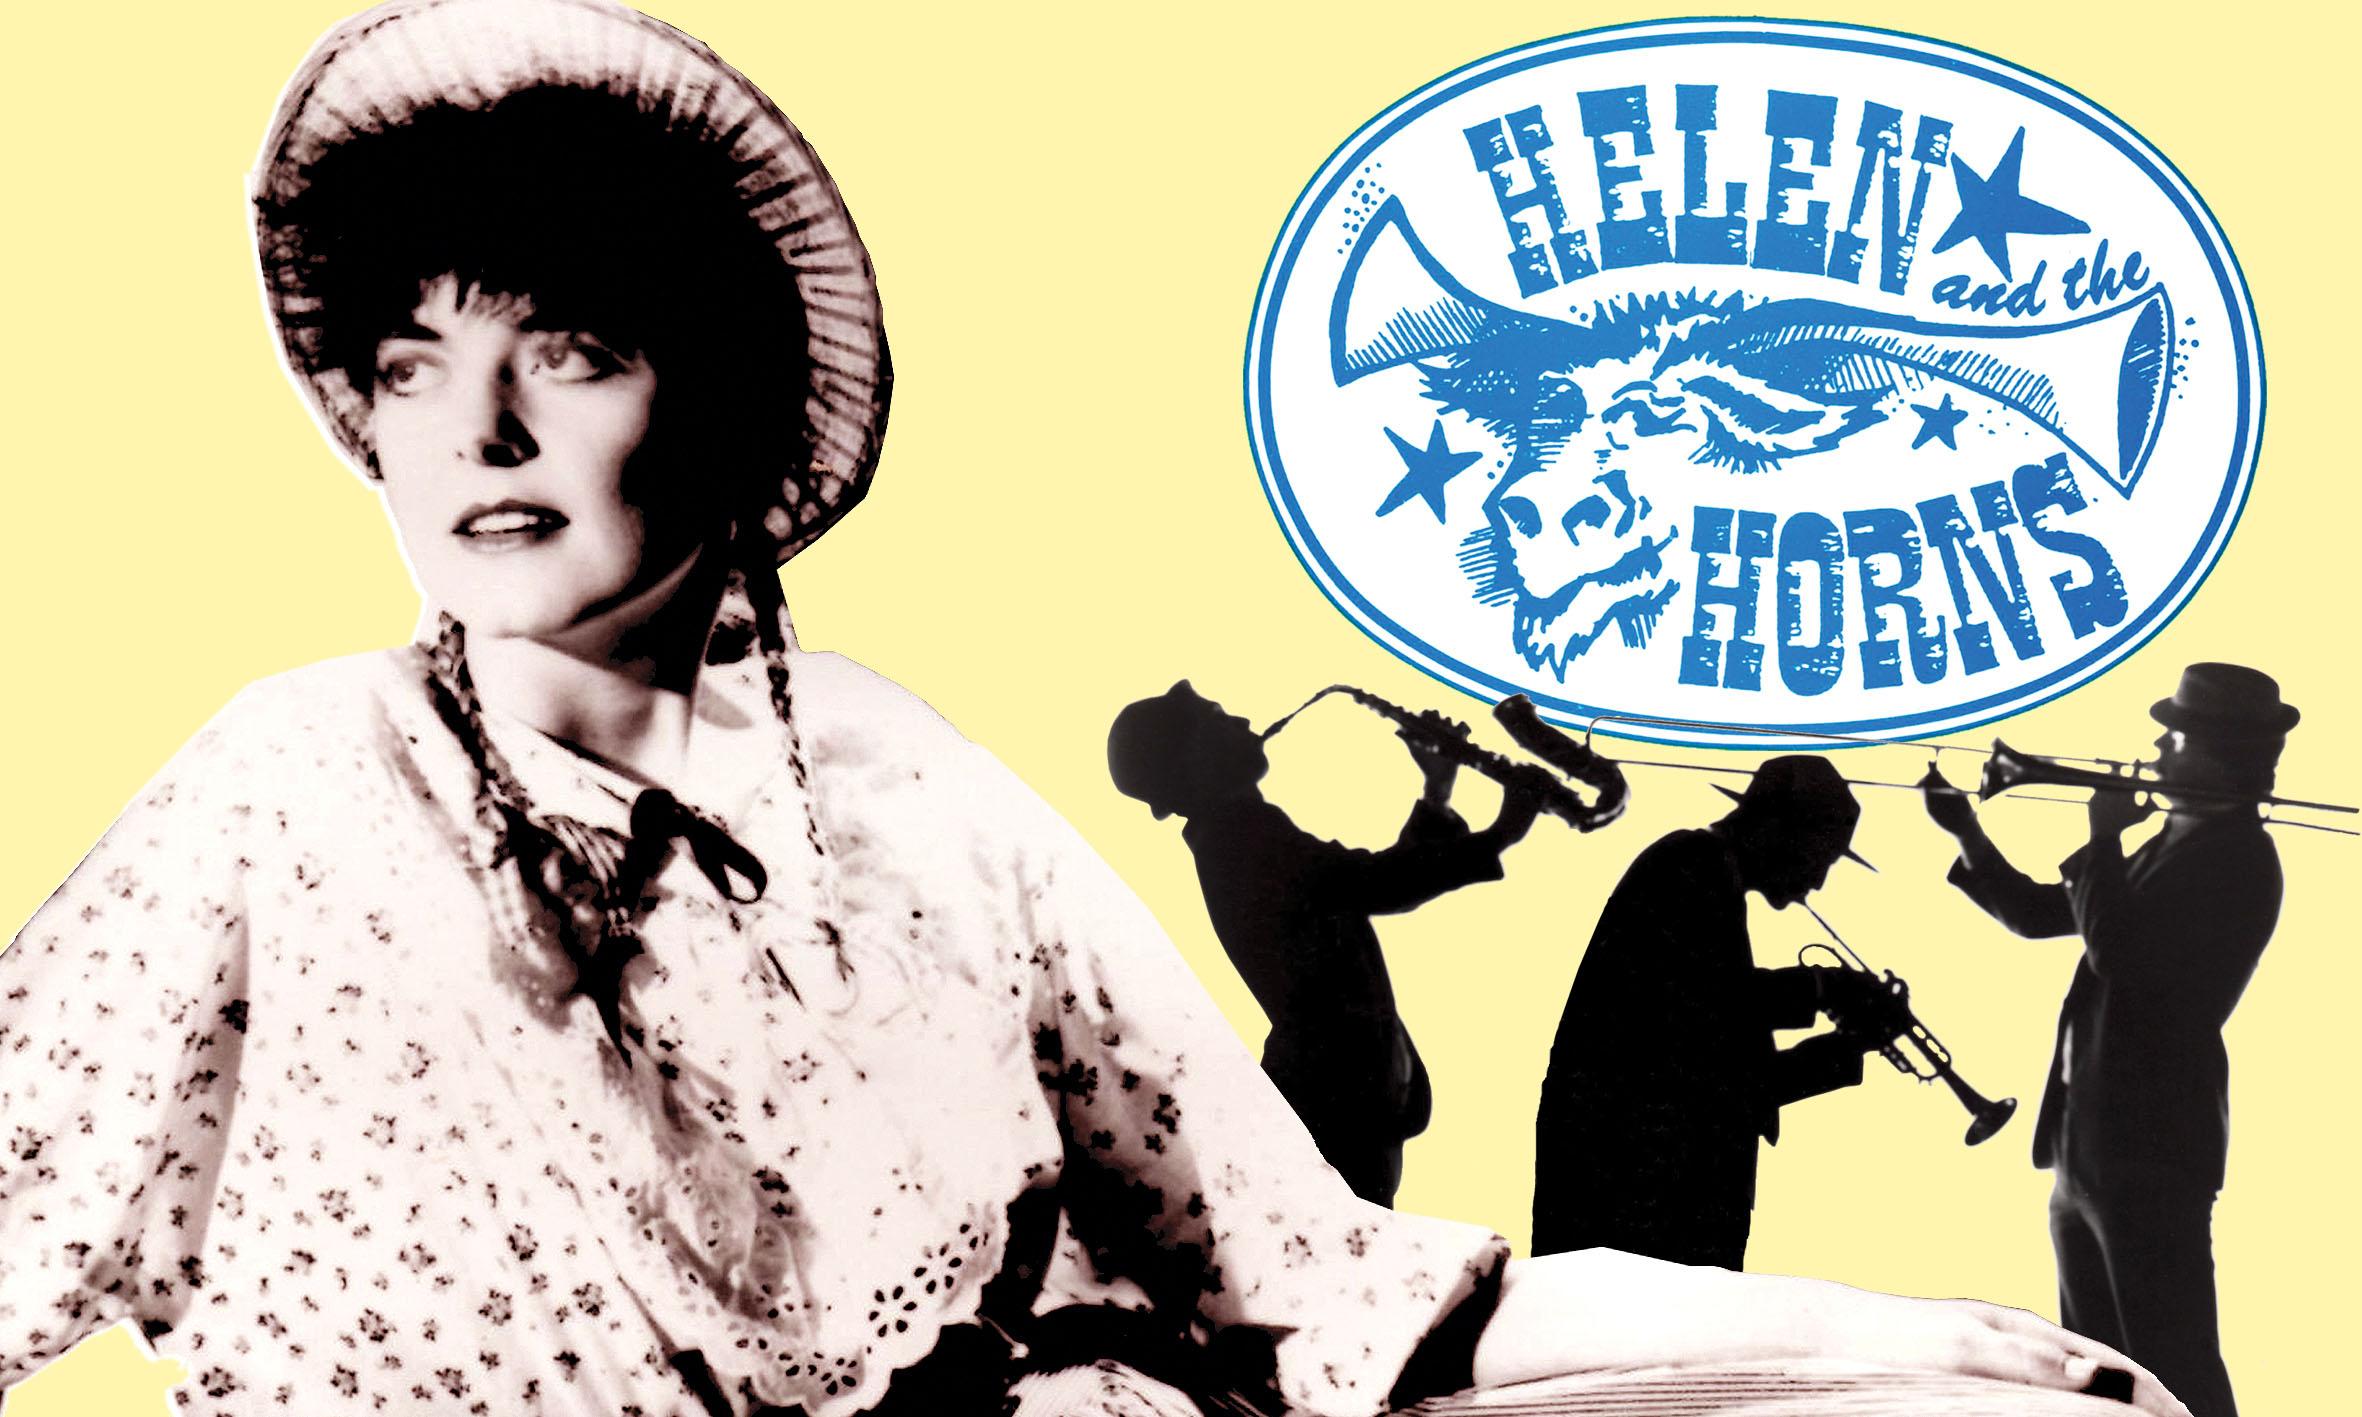 HelenAndTheHorns - Website 2013